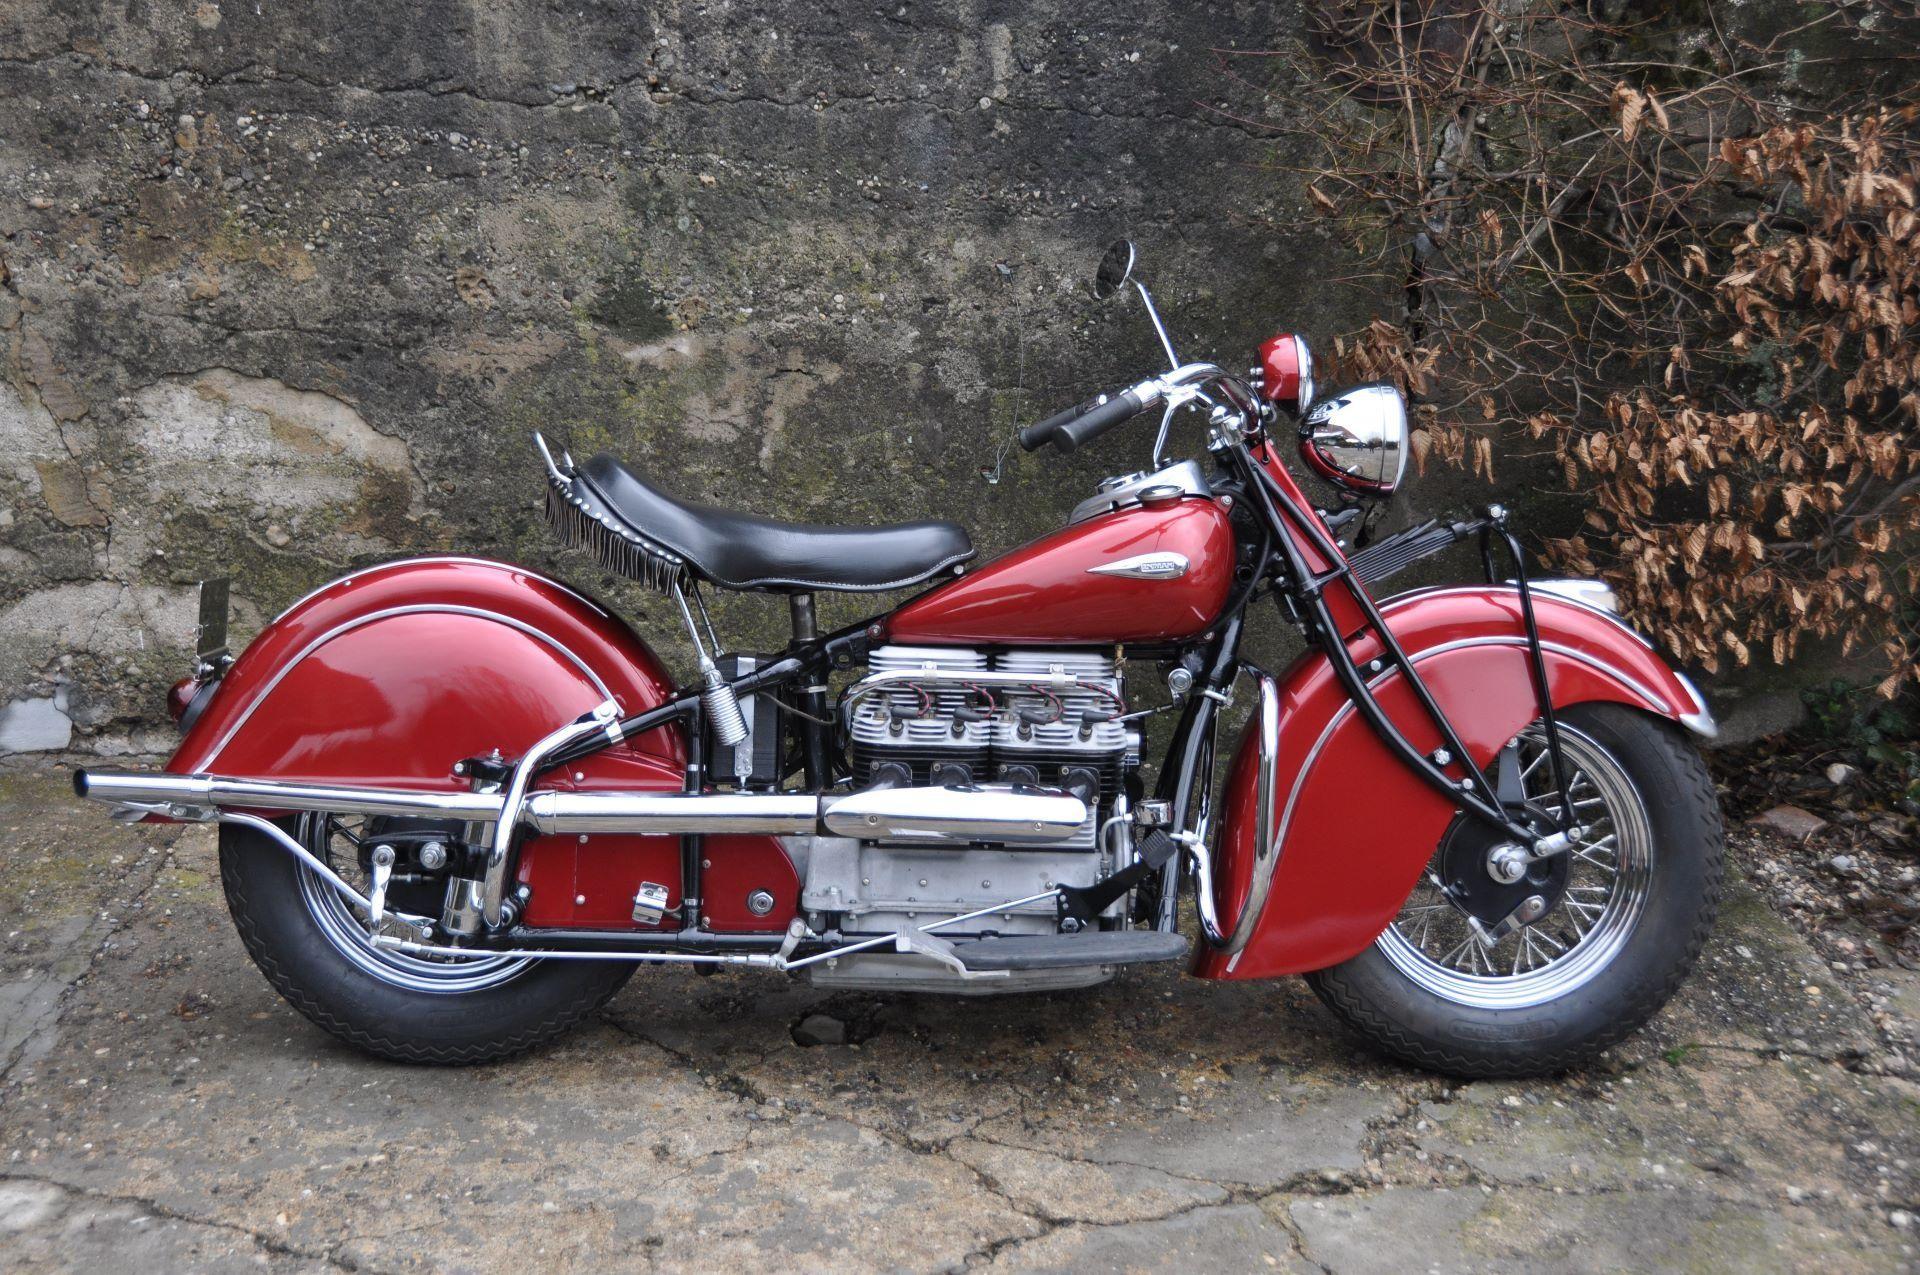 motorrad oldtimer kaufen indian four 4 zylinder l chinger classic motors ag nieder nz id 2695780. Black Bedroom Furniture Sets. Home Design Ideas